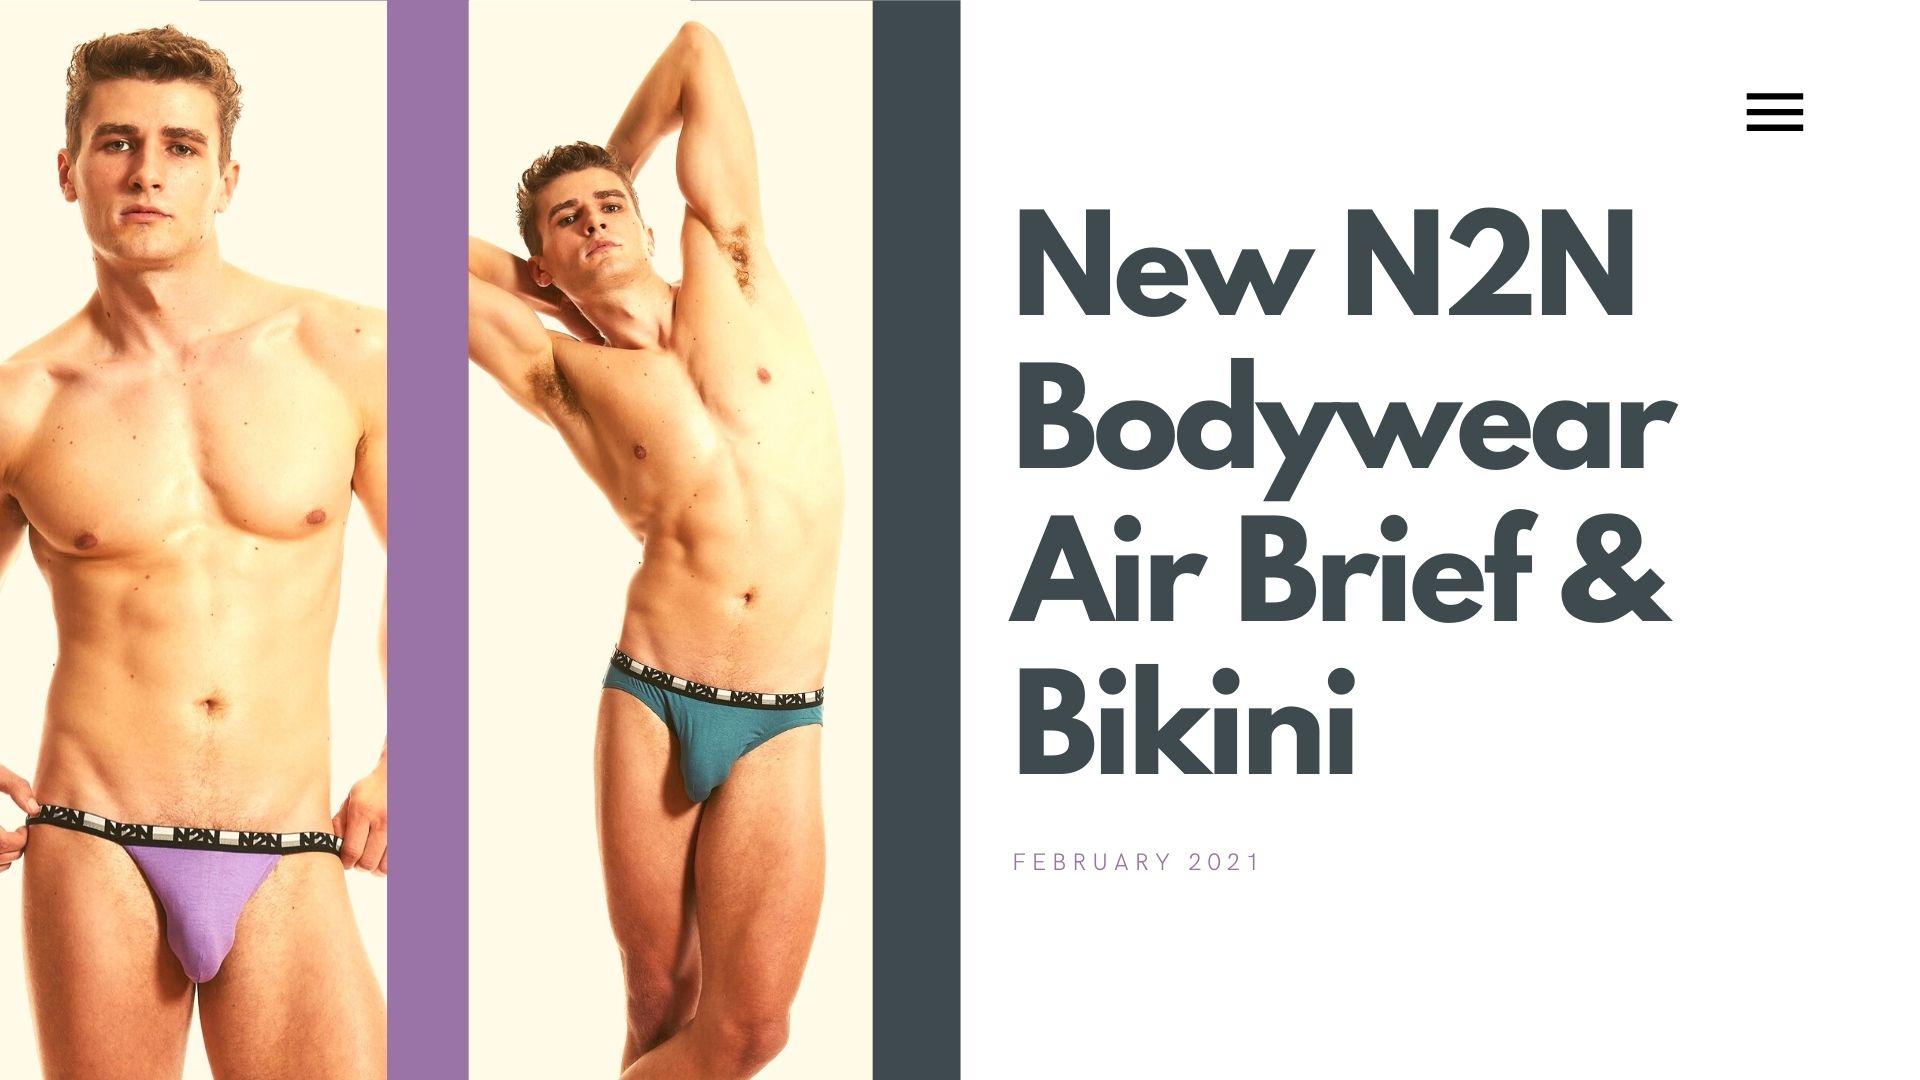 New N2N Bodywear New Air